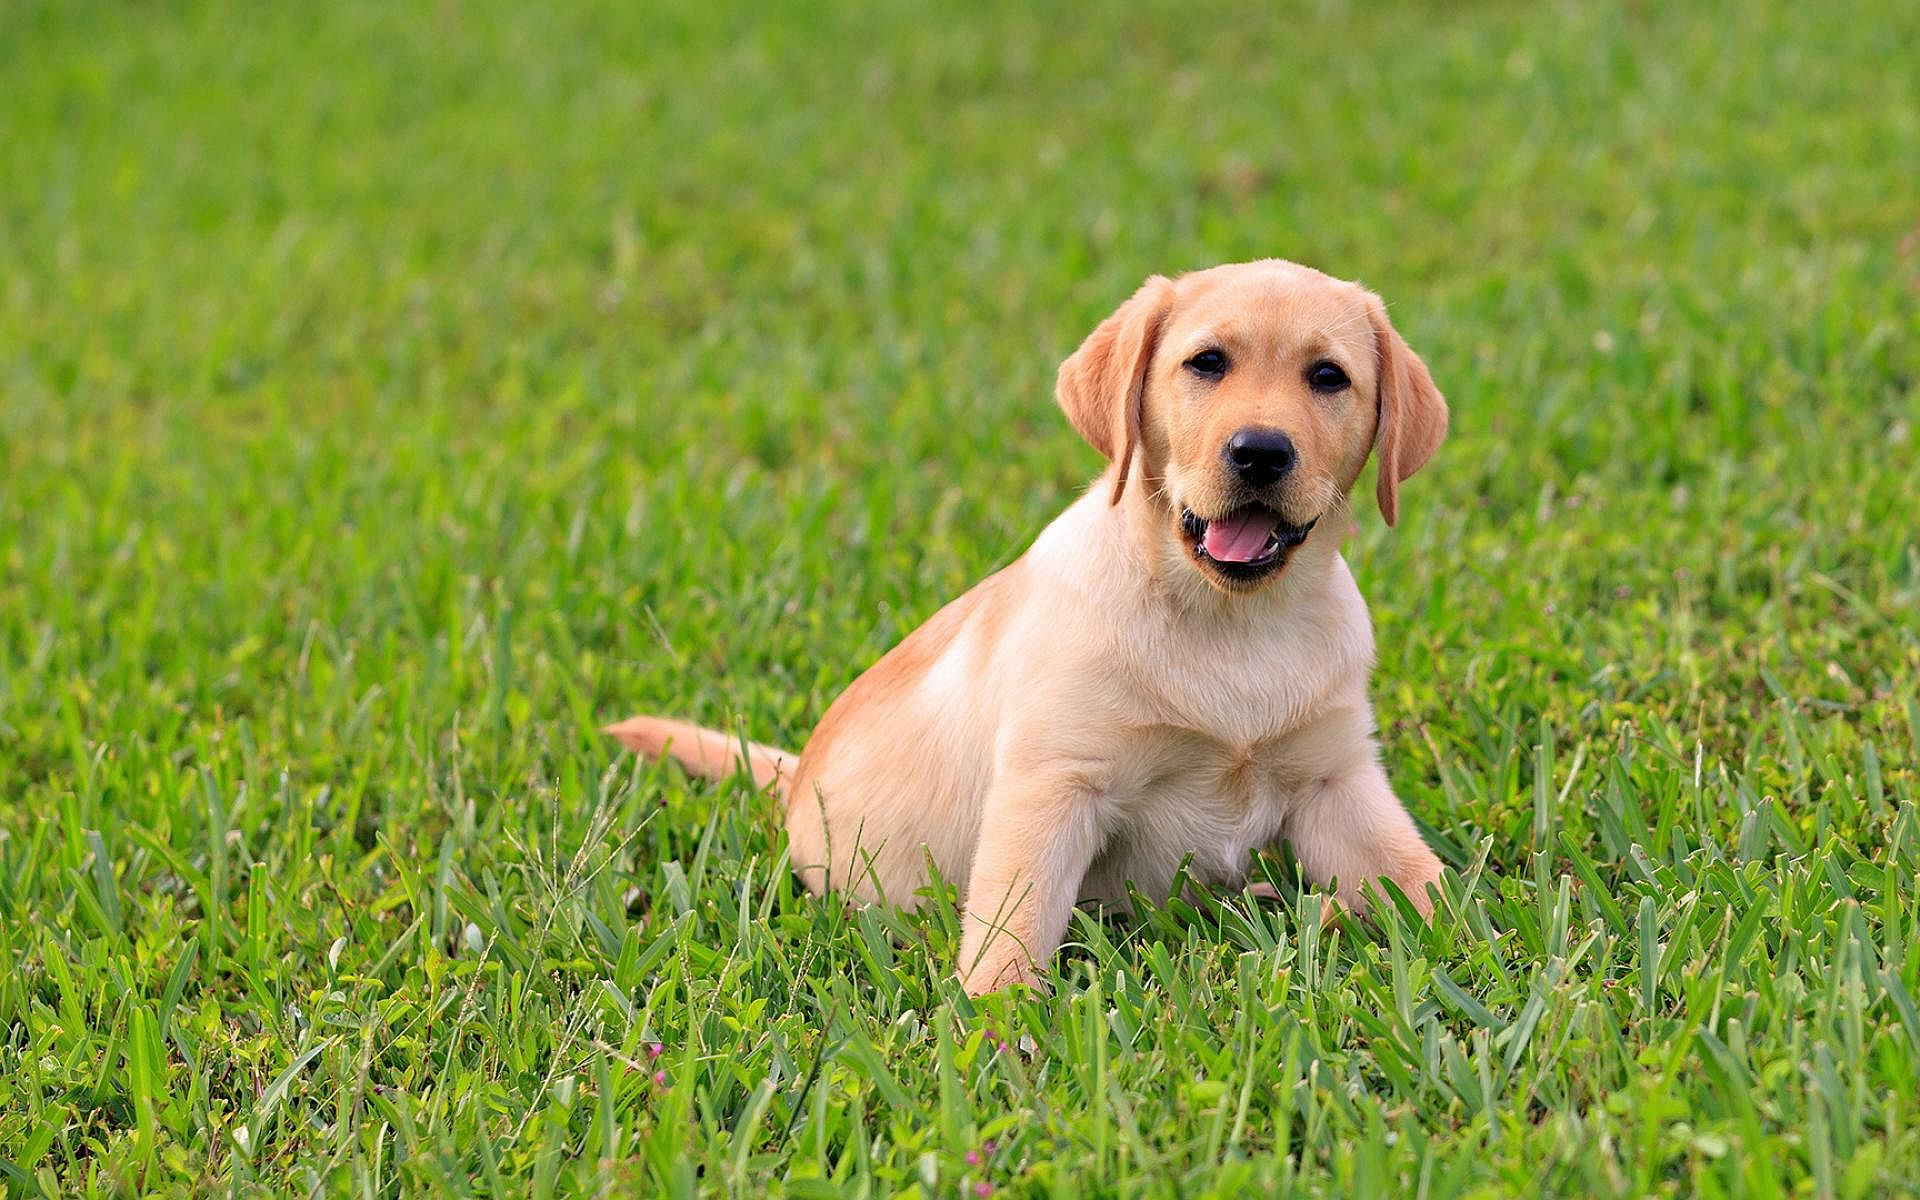 cute labrador puppy pictures Cute Labrador Puppy